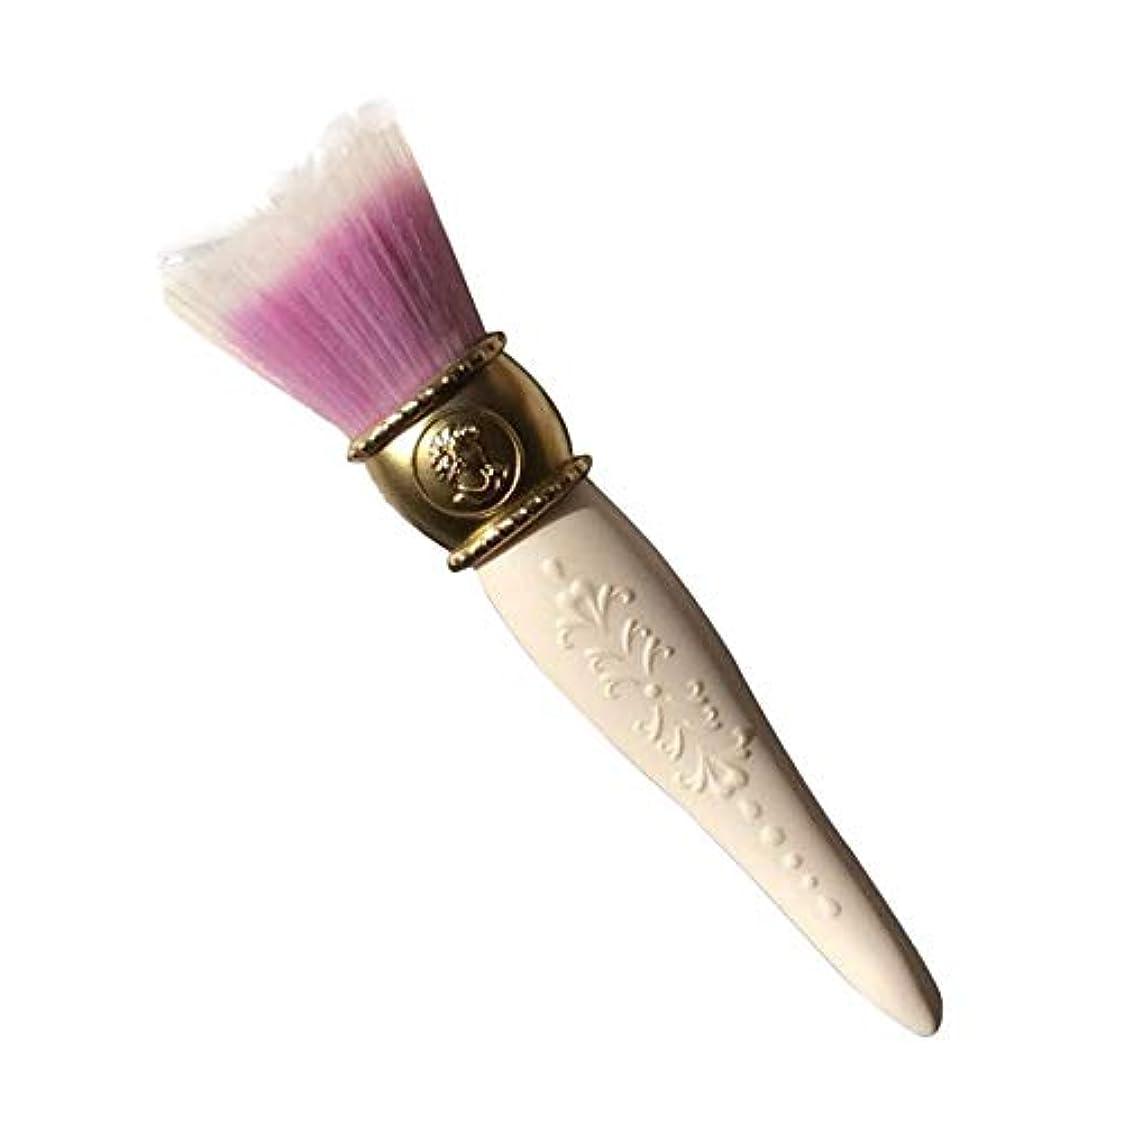 飛躍硫黄百万笑え熊 貴族のシルバー ゴールド 高級タクロン 高級繊維毛 化粧ブラシ 化粧筆 手作業 化粧ポーチ付き